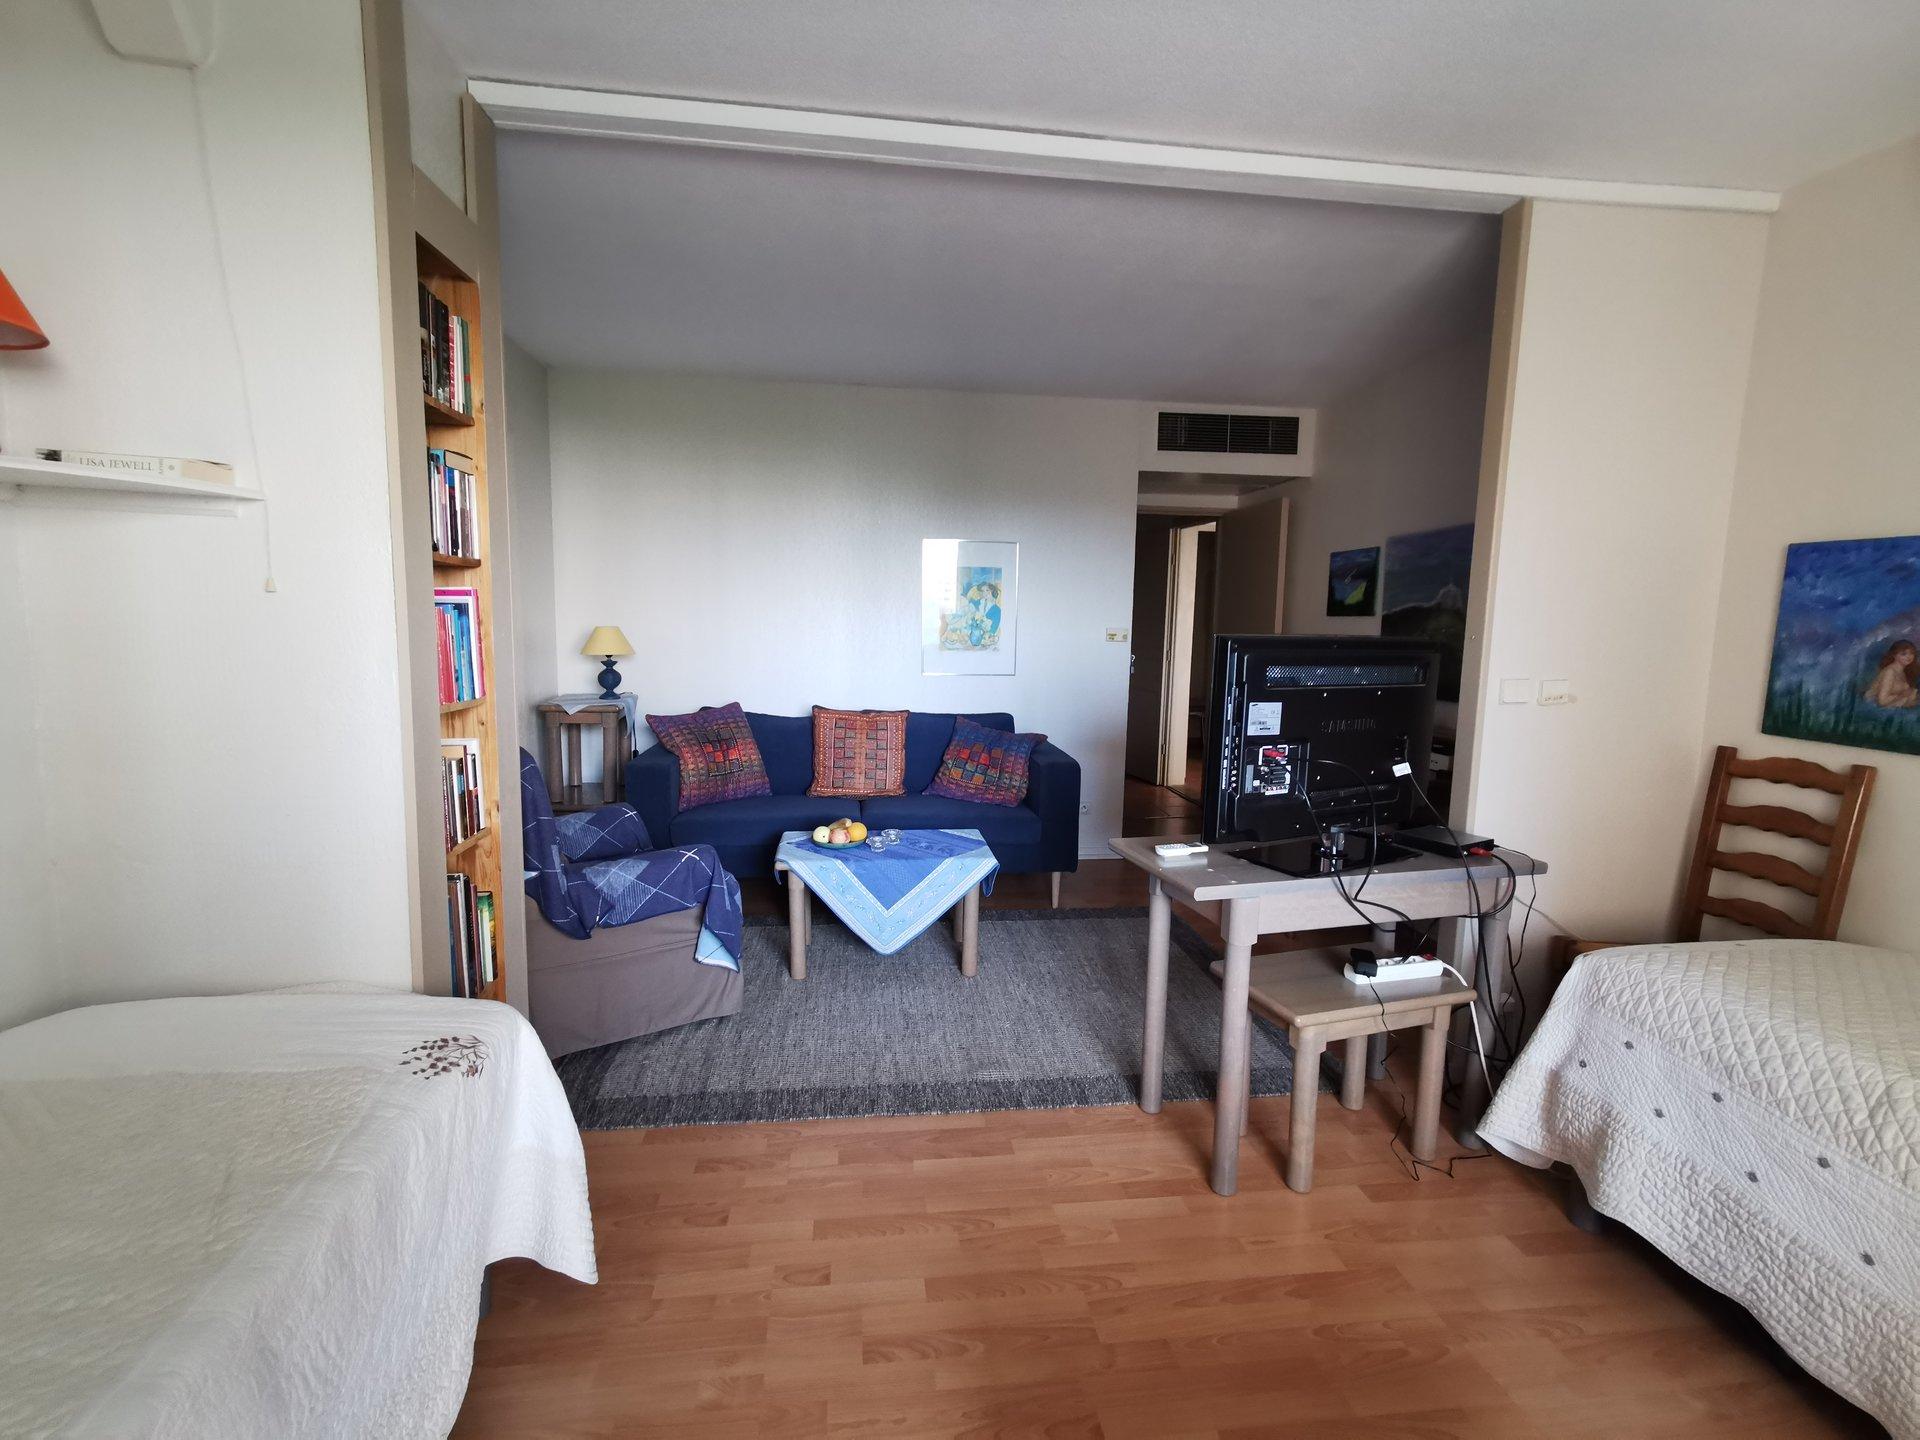 Sole agent : MANDELIEU - Résidence les golfeurs - 1-2 bedroom apartment 58m2. 2 terraces